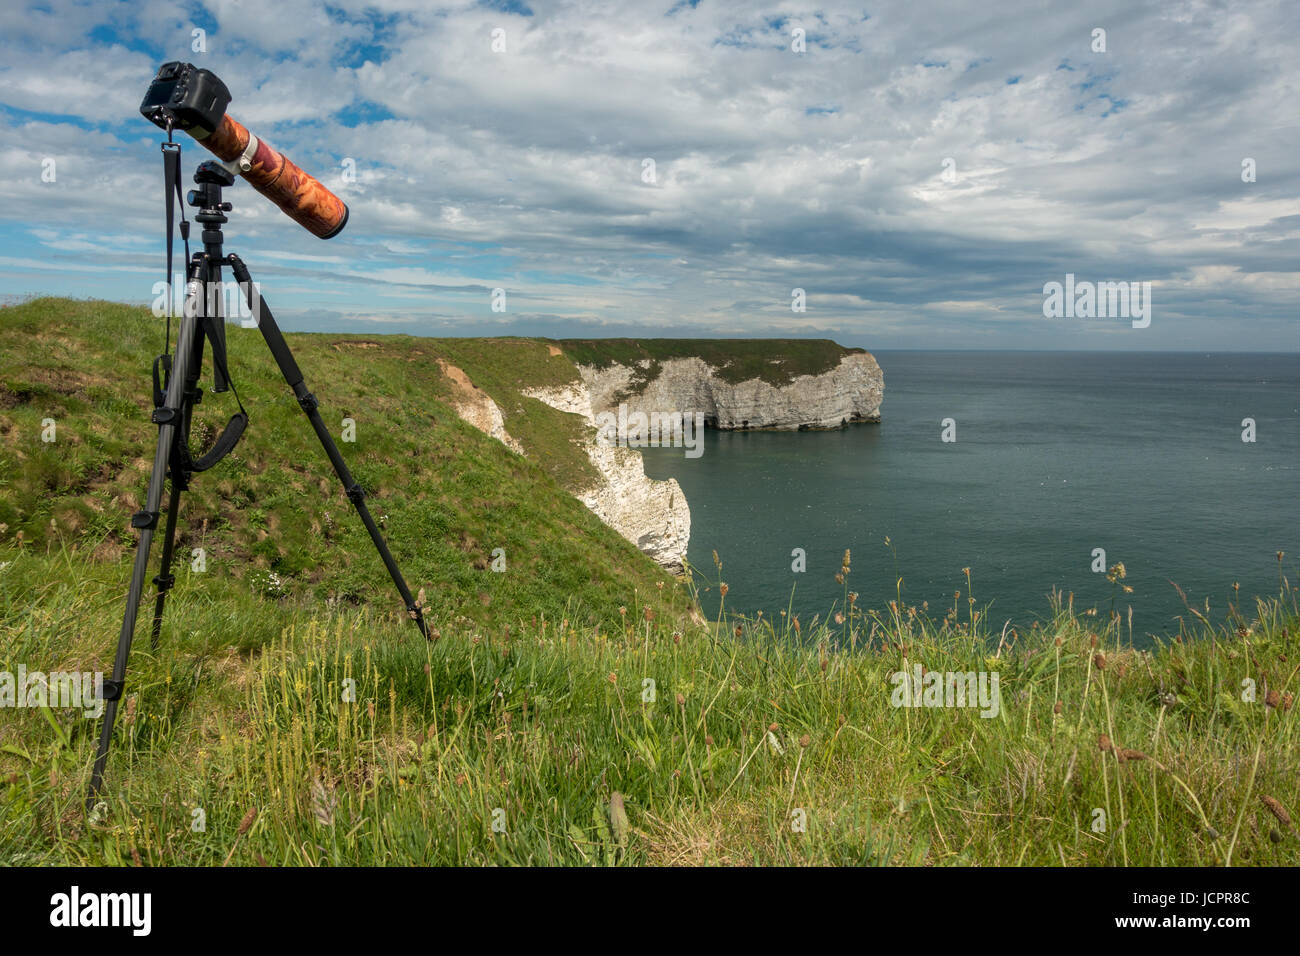 Canon 7D mark iii mis en place sur le trépied pour photographier des oiseaux avec un objectif 400mm manchon Photo Stock